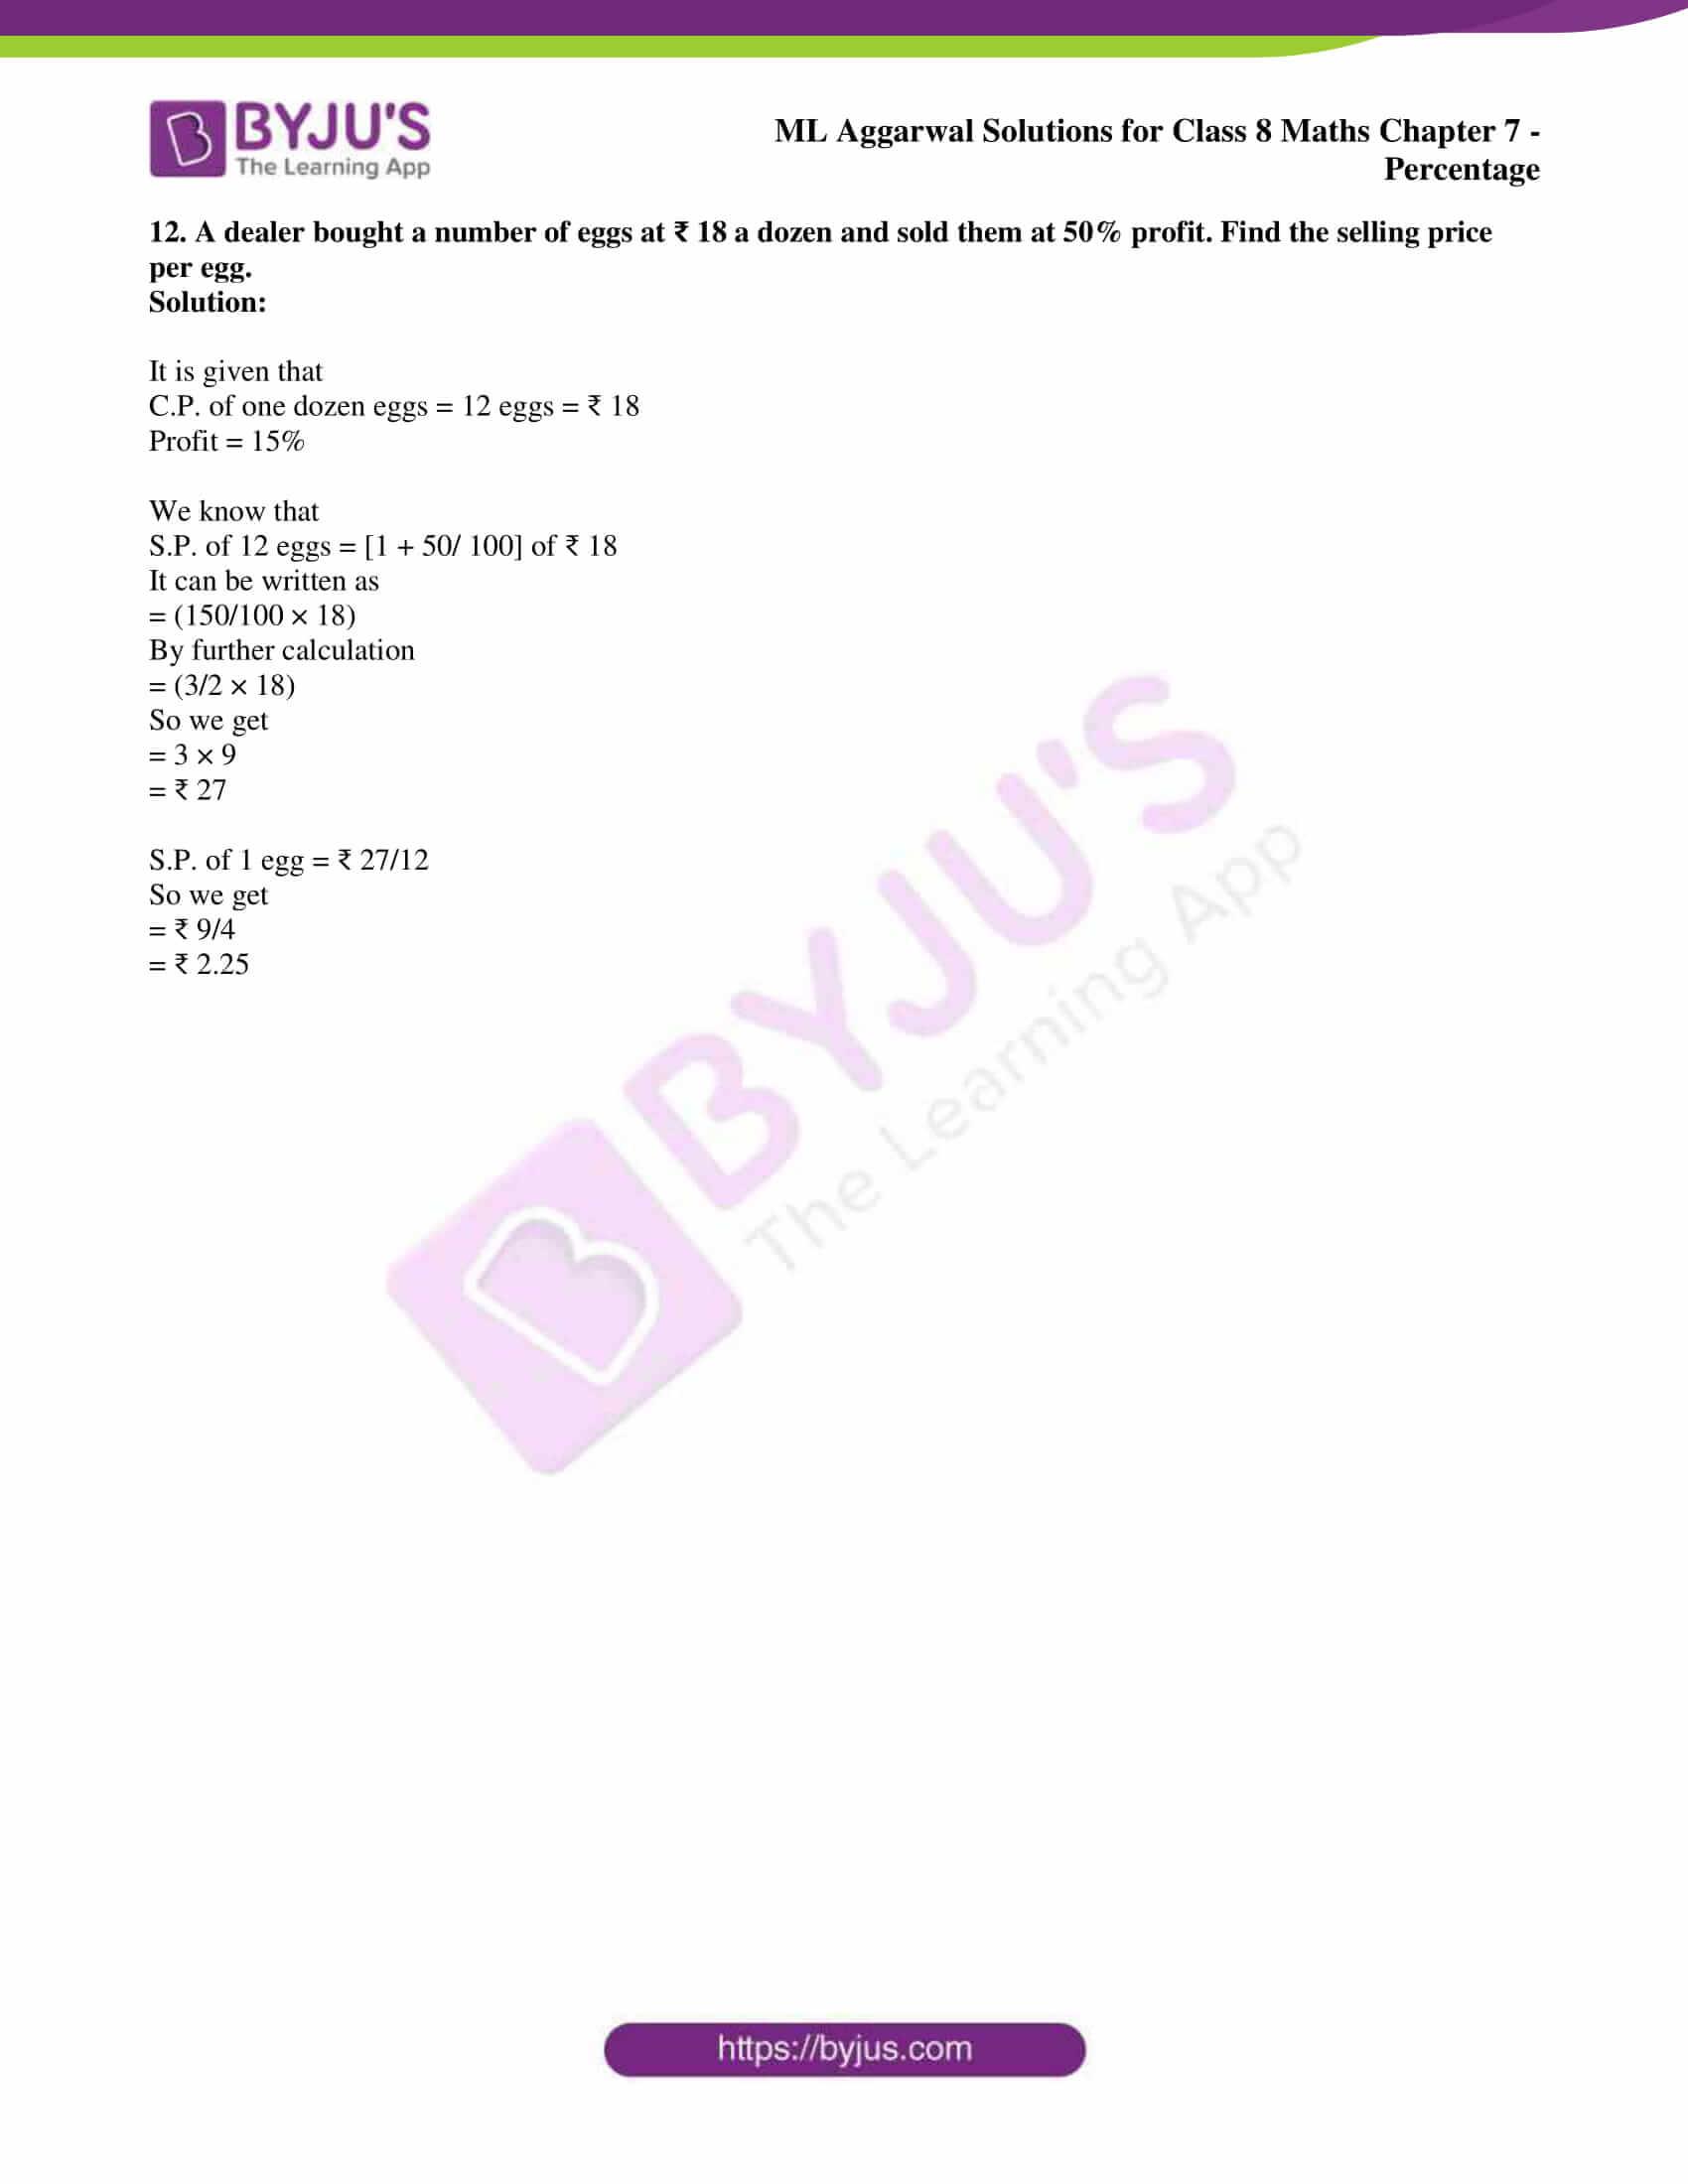 ml aggarwal sol mathematics class 8 ch 7 22